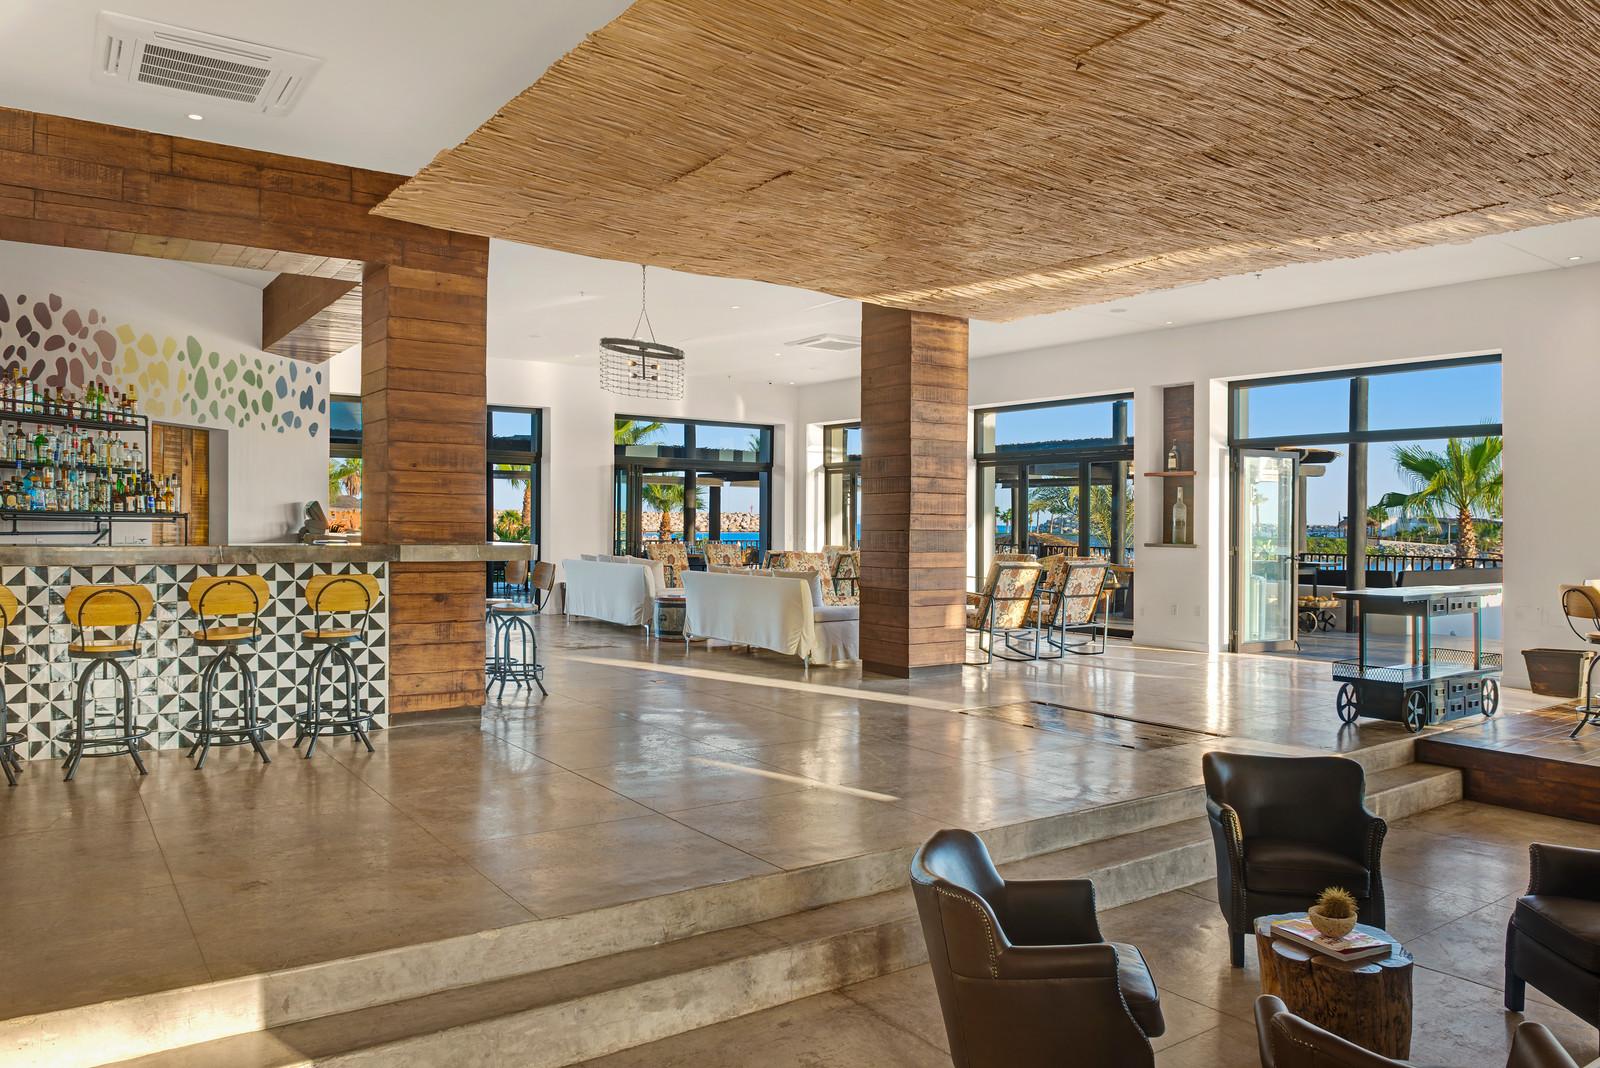 The Lobby Bar at Hotel El Ganzo. Photo Courtesy of Hotel El Ganzo